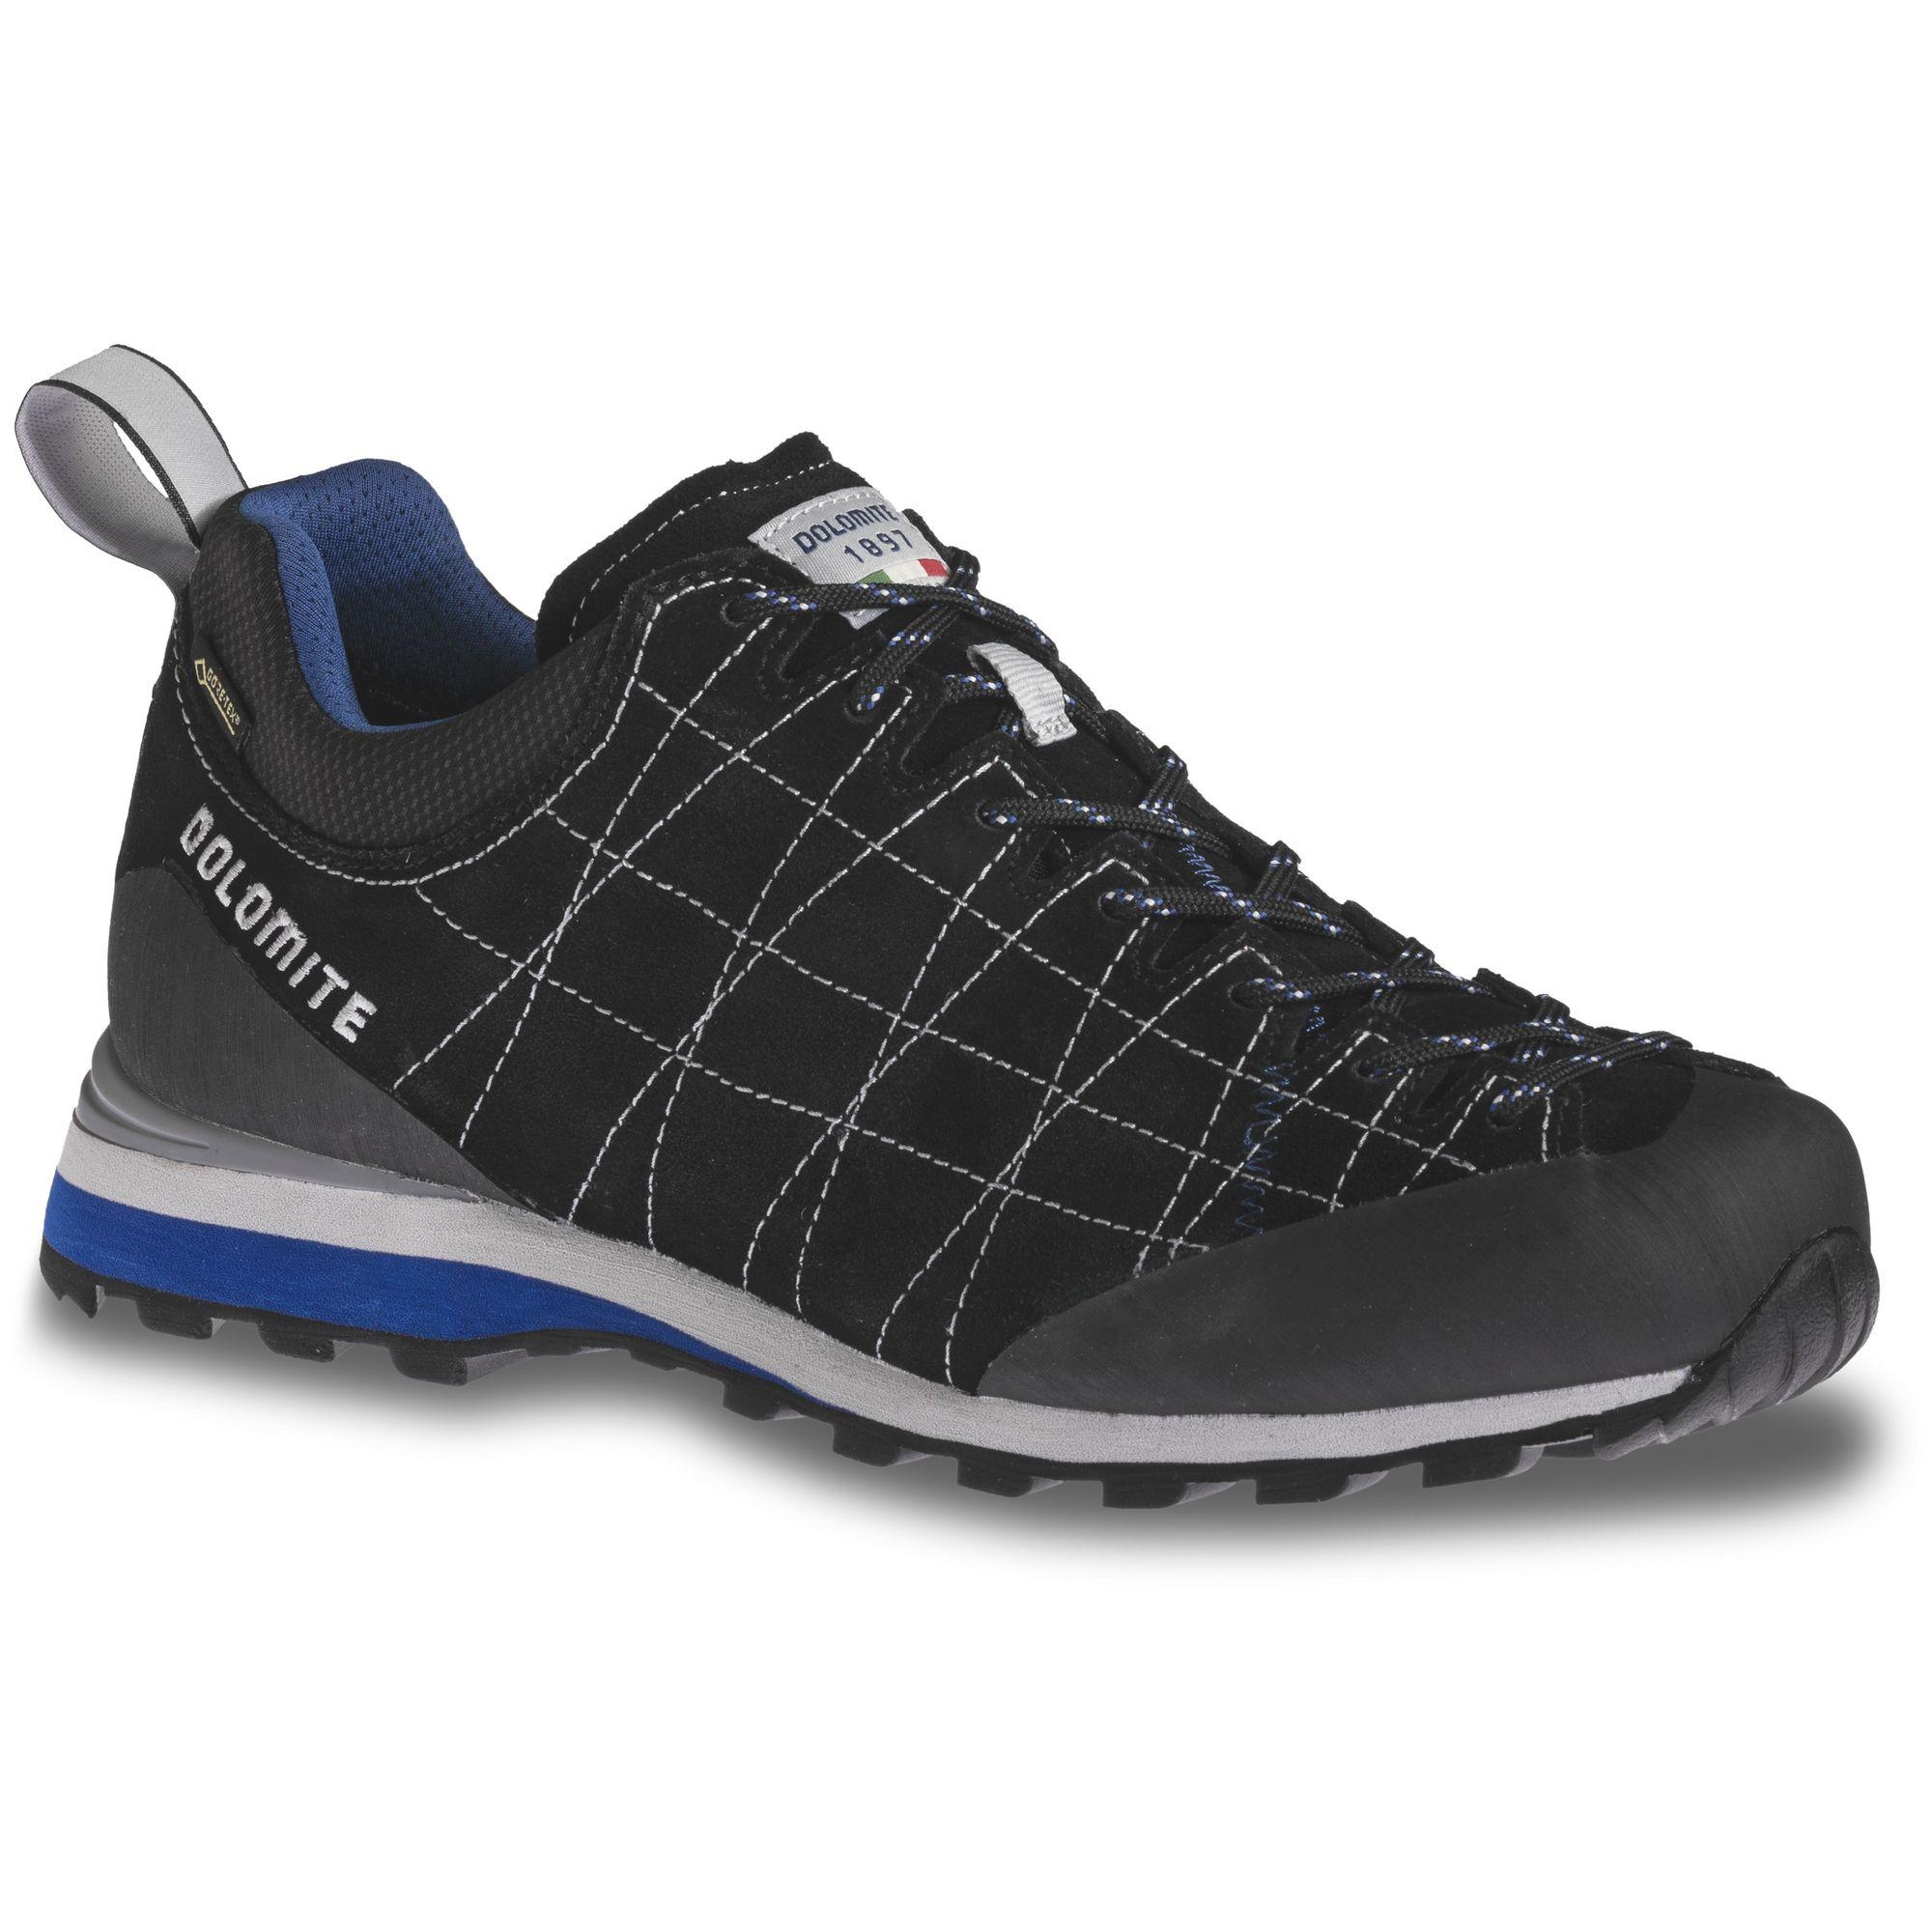 DOLOMIT DOL Diagonal GTX Shoe